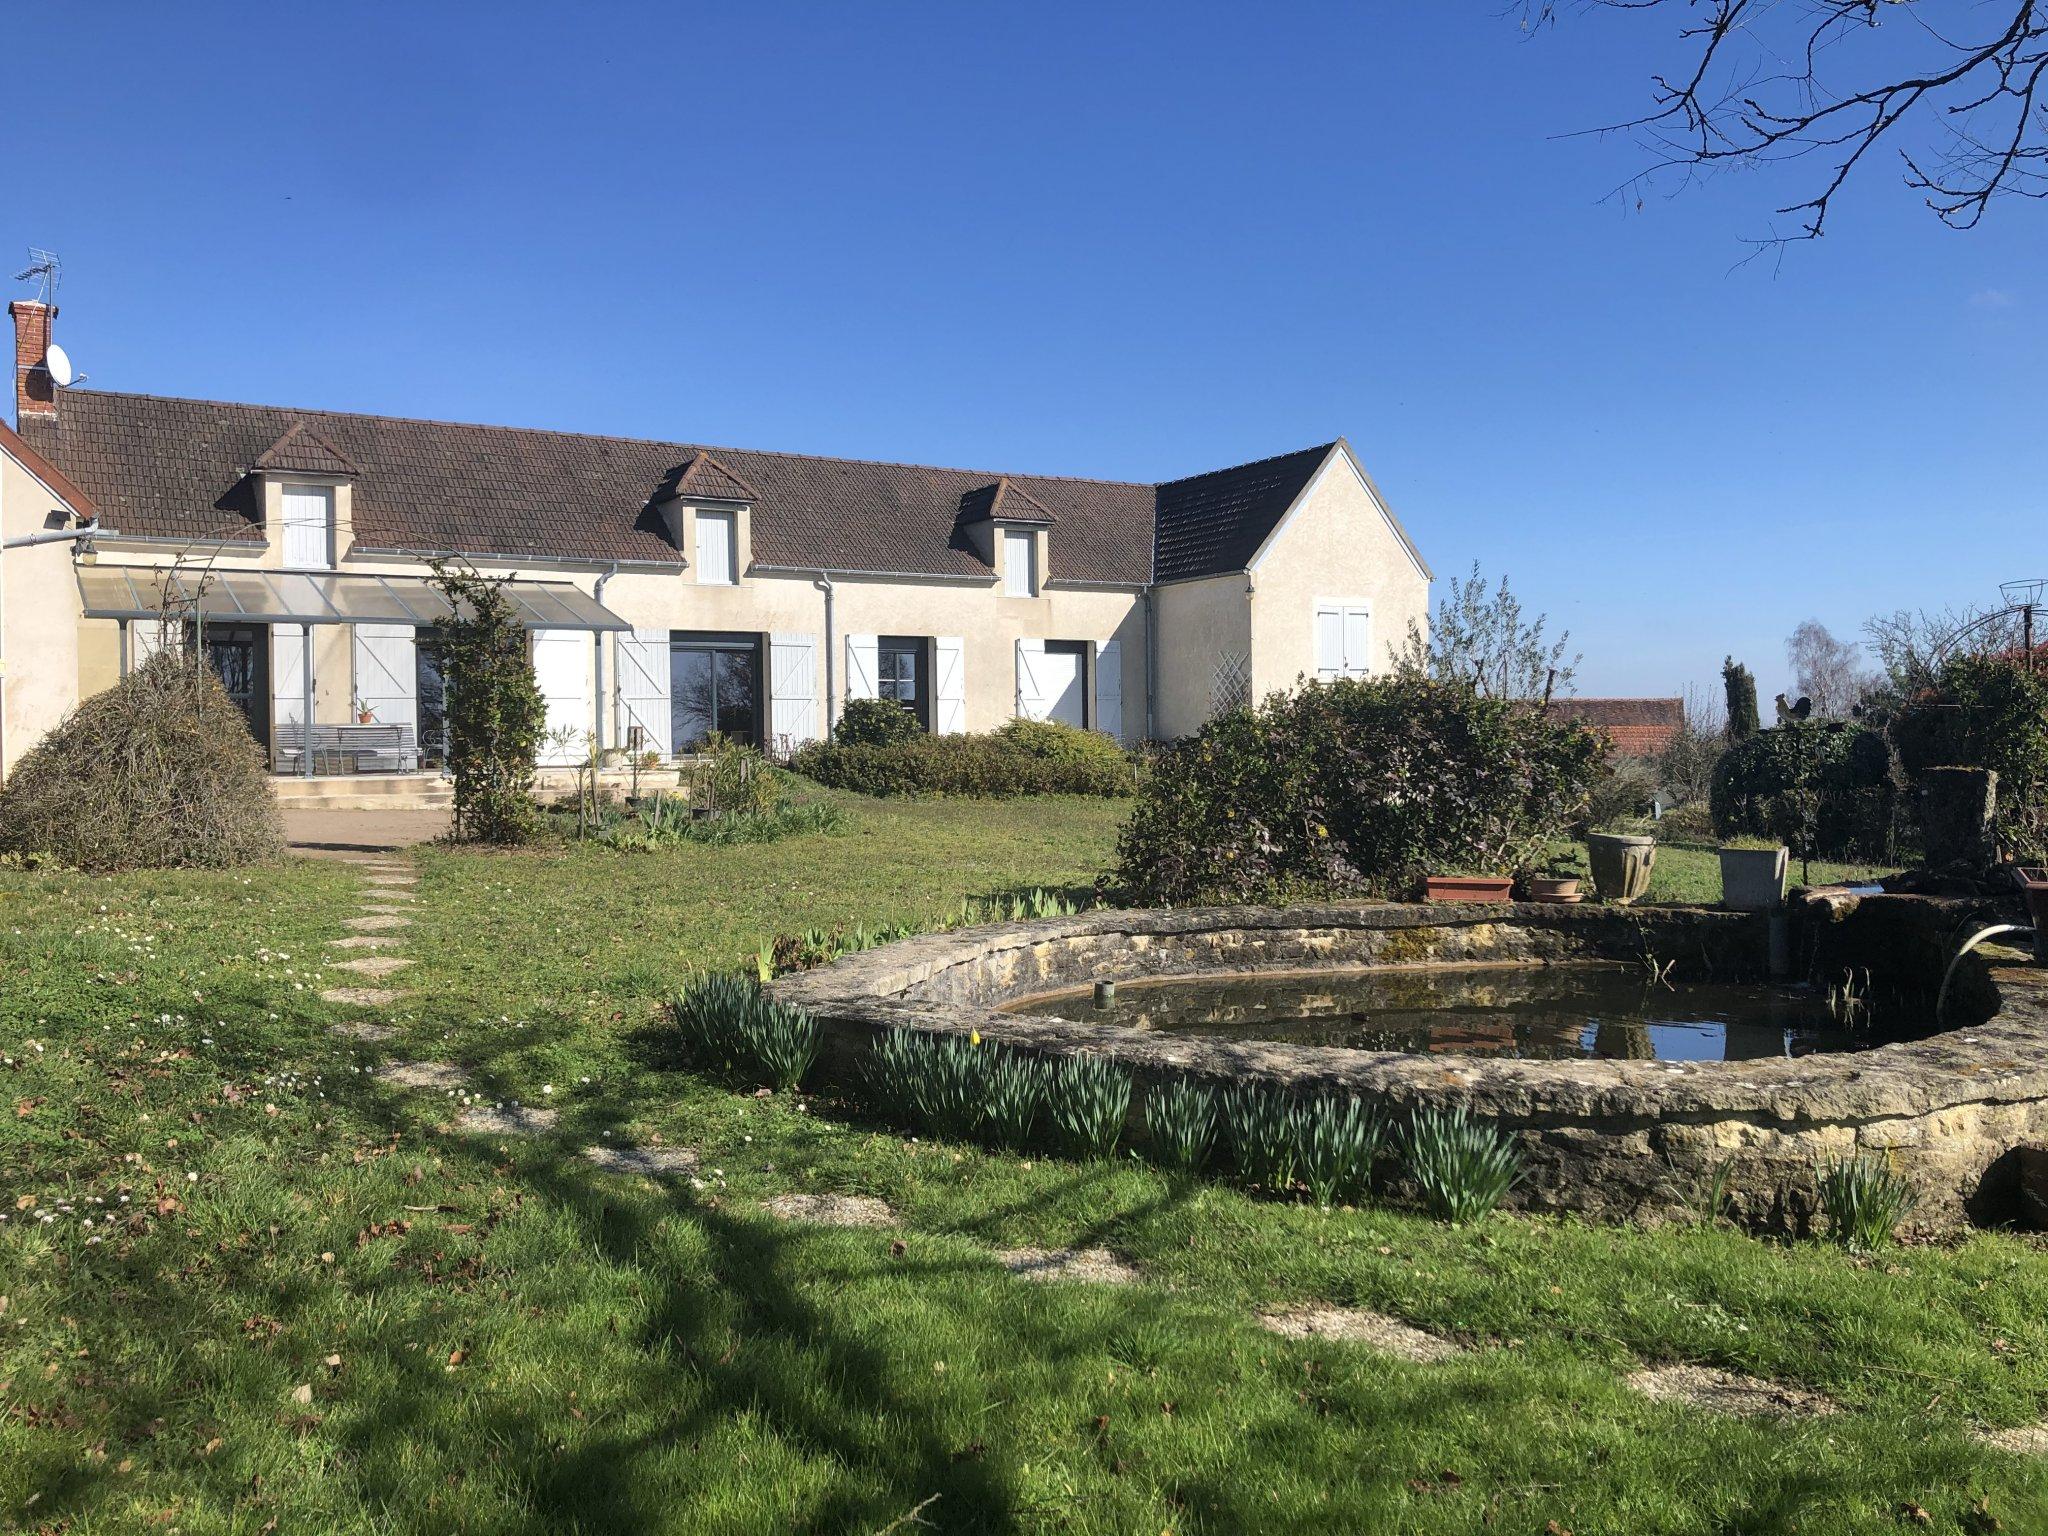 Vente Maison Saint Amand Montrond intérieur Chambre D Hote Saint Amand Montrond